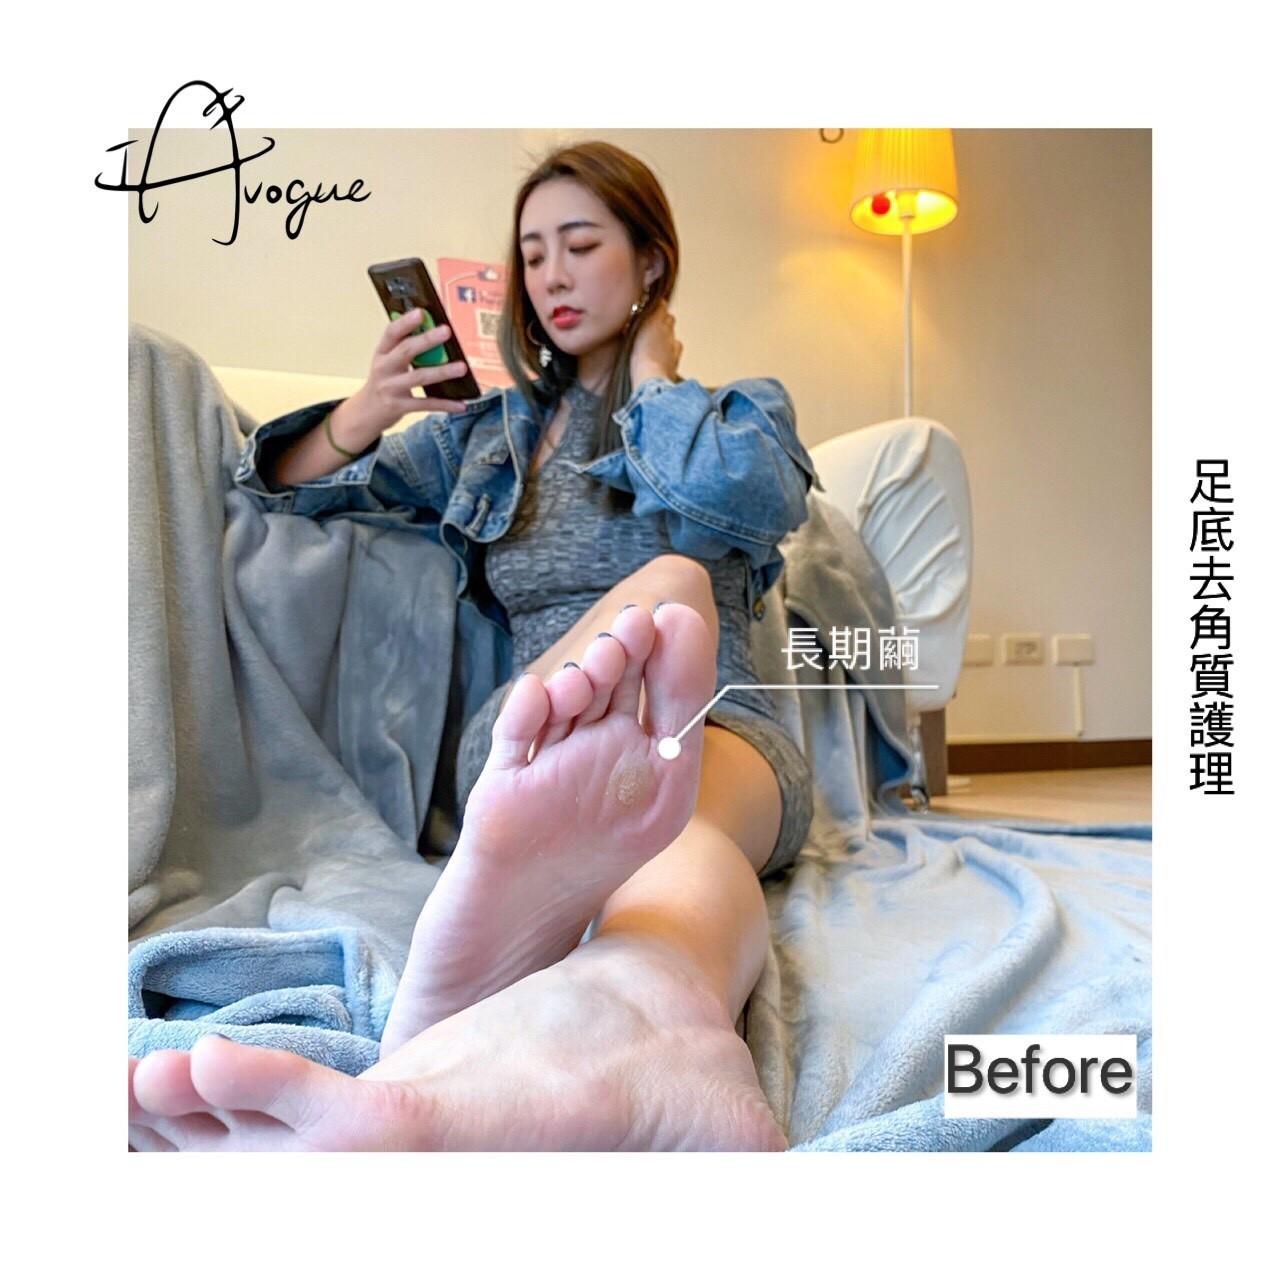 足底去角質護理前,腳底粗糙厚繭-台北IA專業美睫設計